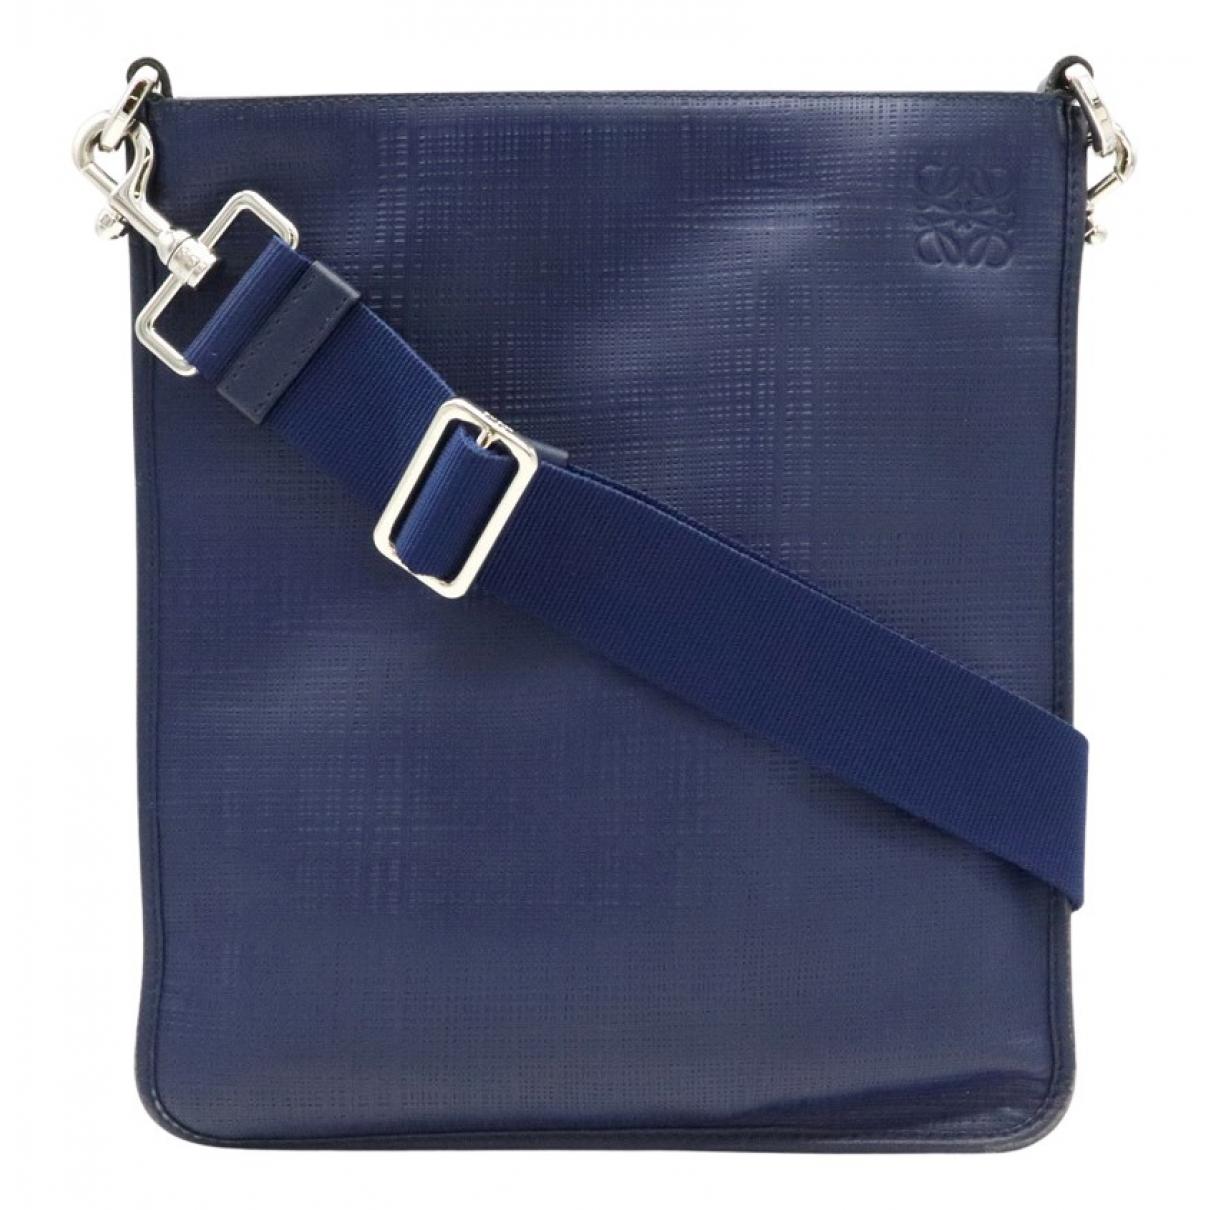 Loewe N Blue Suede handbag for Women N